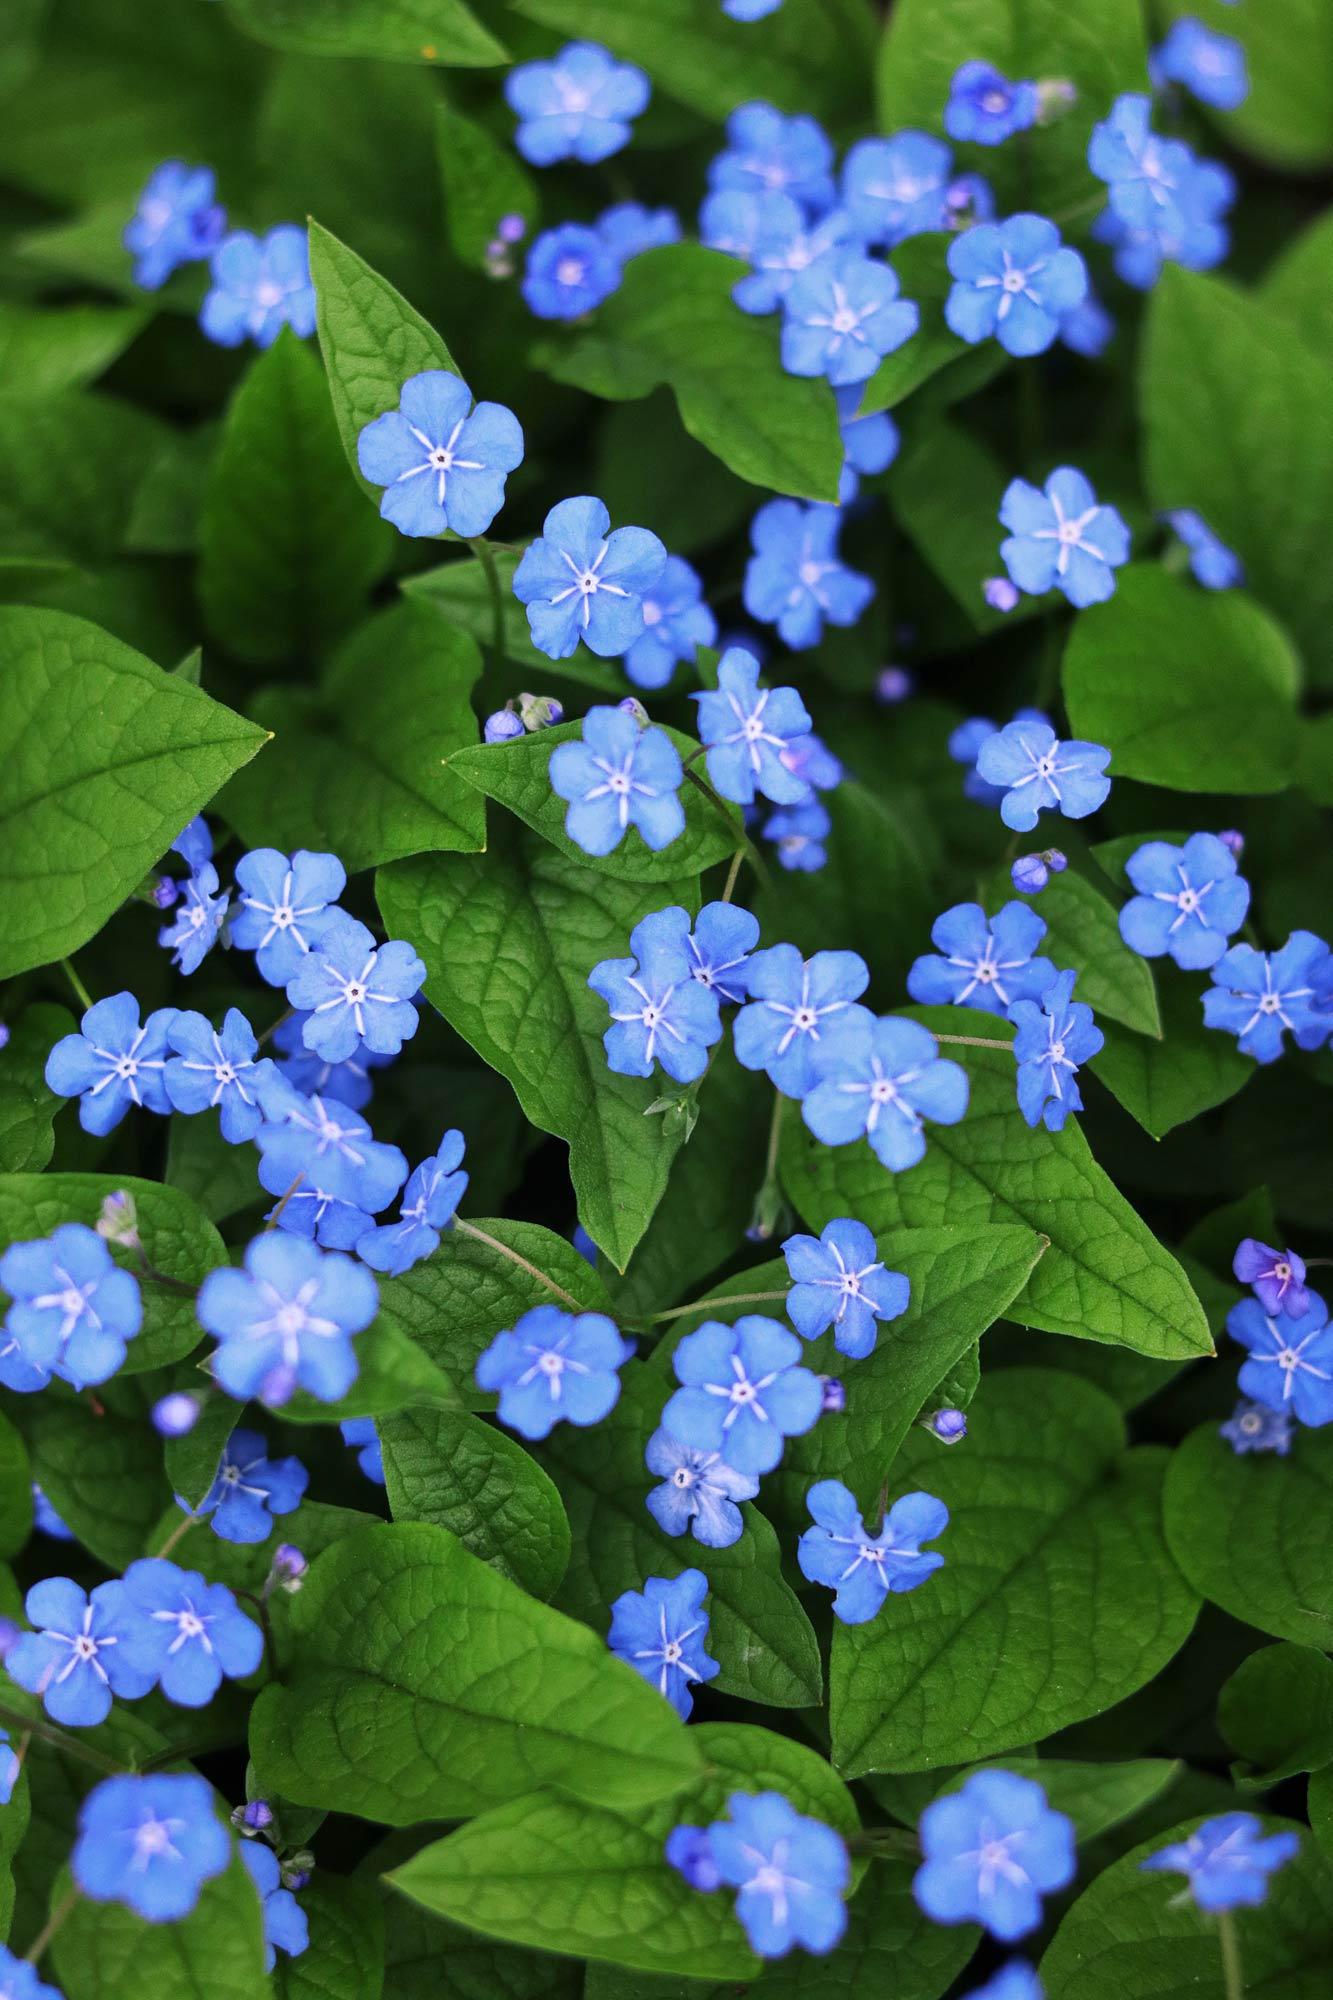 blaue blumen  kostenlose bilder download  titania foto